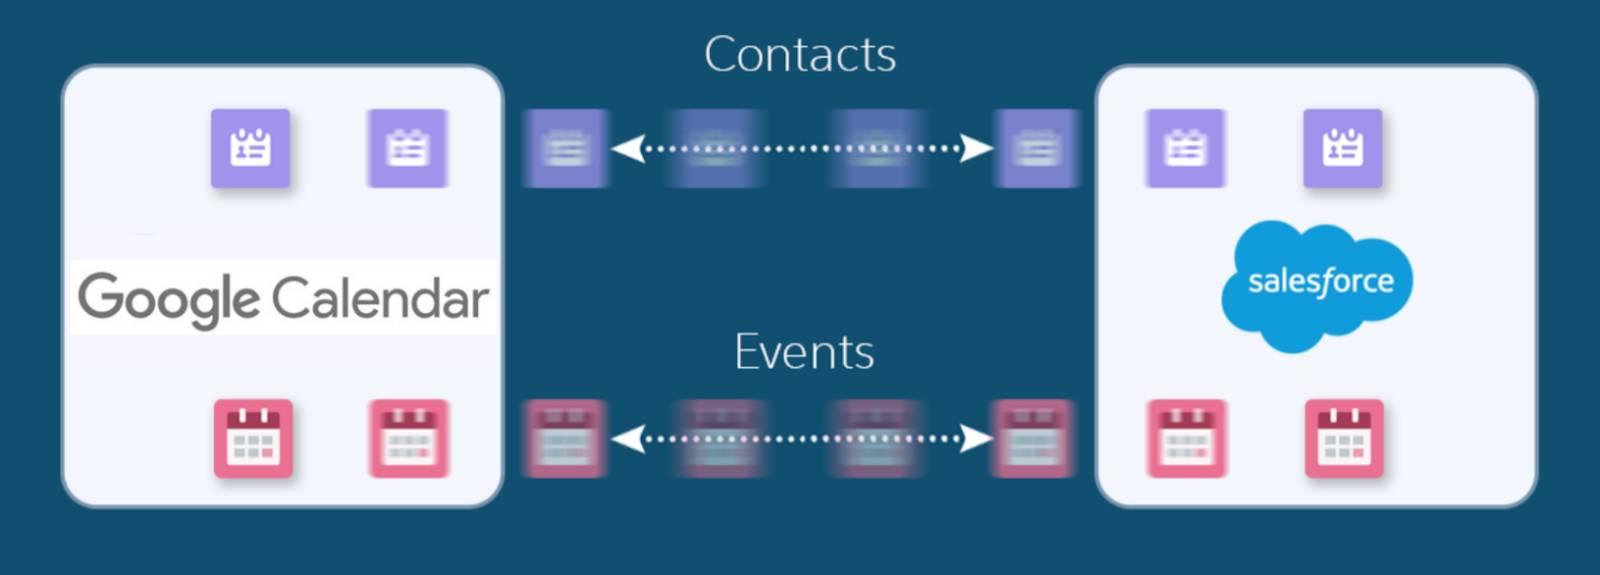 カレンダーと Salesforce 間の取引先責任者や行動のデータのフローは双方向です。